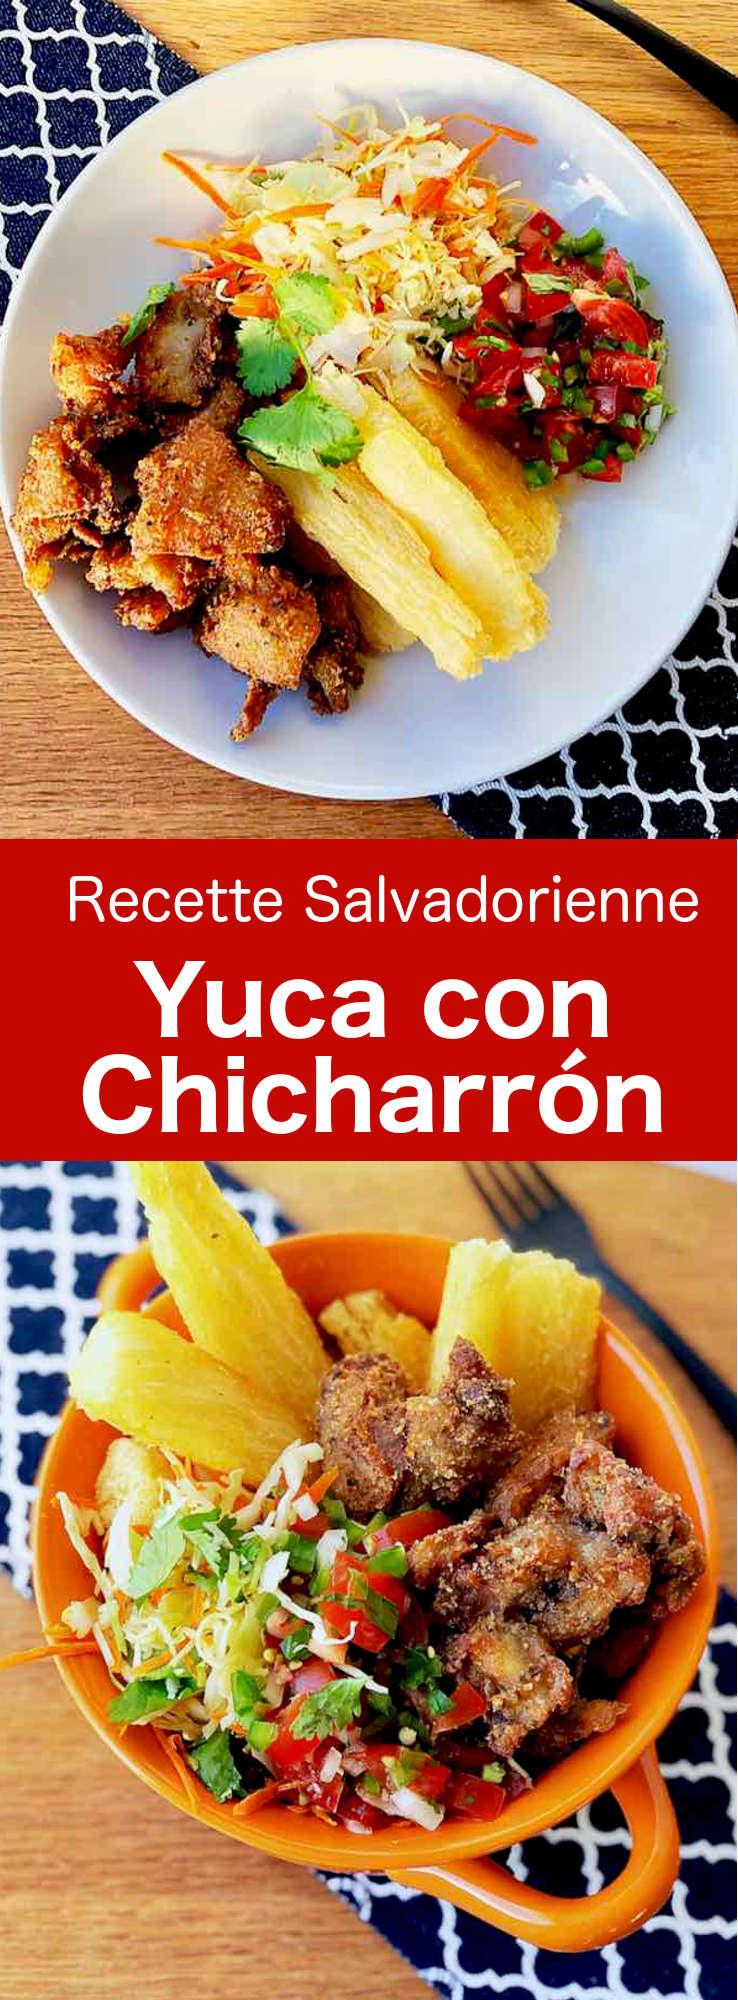 Le yuca con chicharrón est un plat typique du Salvador et du Honduras à base de manioc et de couenne de porc frite, le tout accompagné de sauce chimol et de salade de chou. #Salvador #CuisineSalvadorienne #AmeriqueCentrale #CuisineDuMonde #196flavors